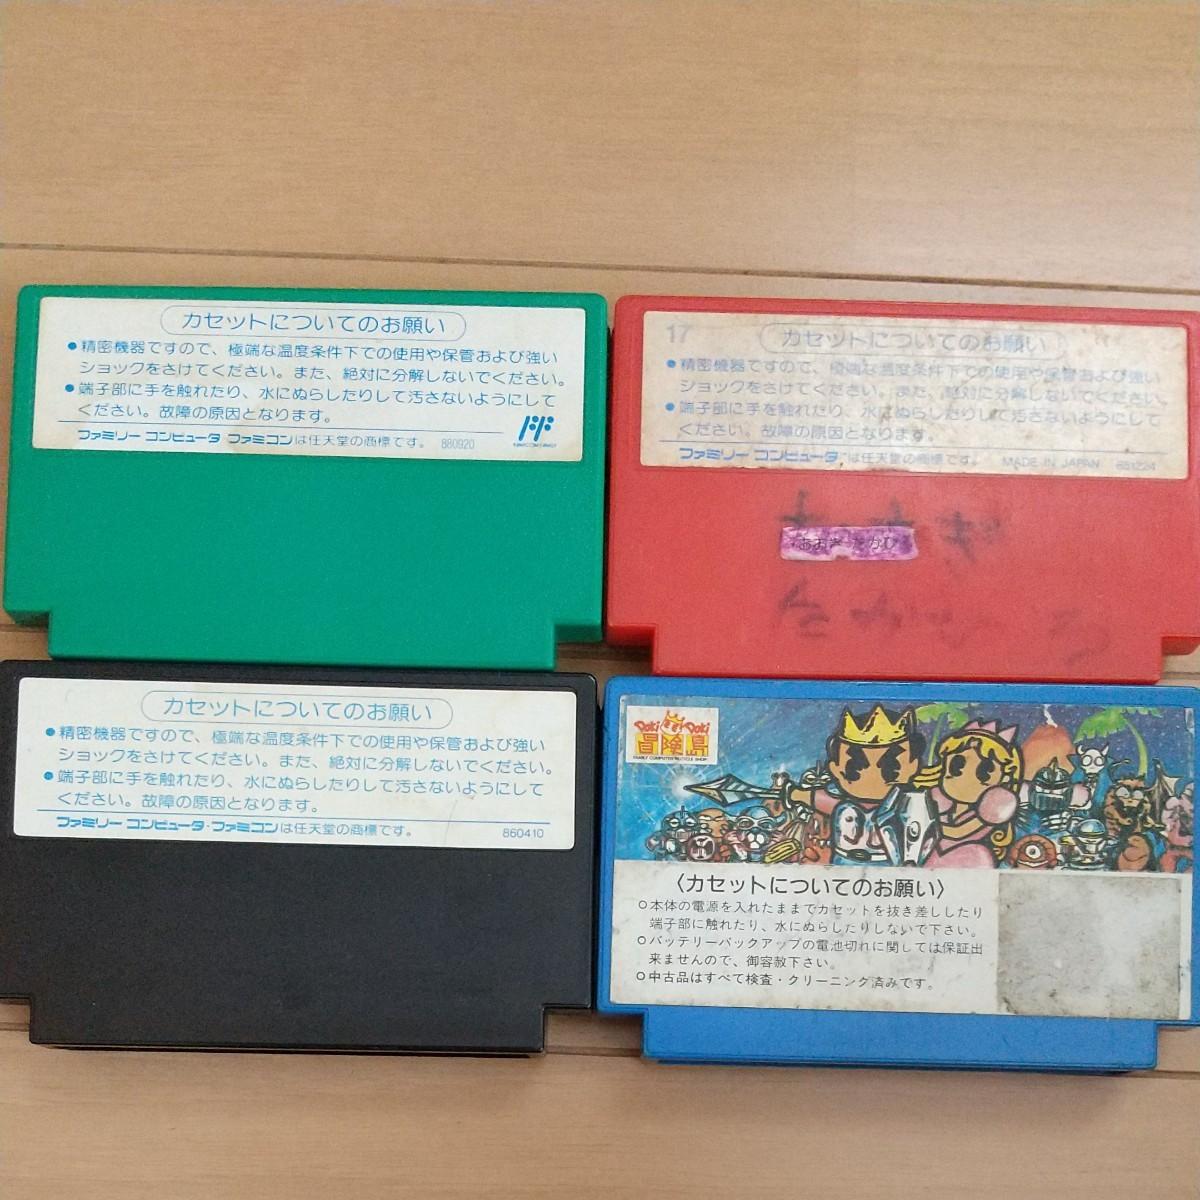 ファミコンソフト 水島新司の大甲子園 魔界村 魔界島 ソンソン CAPCOM4本セット